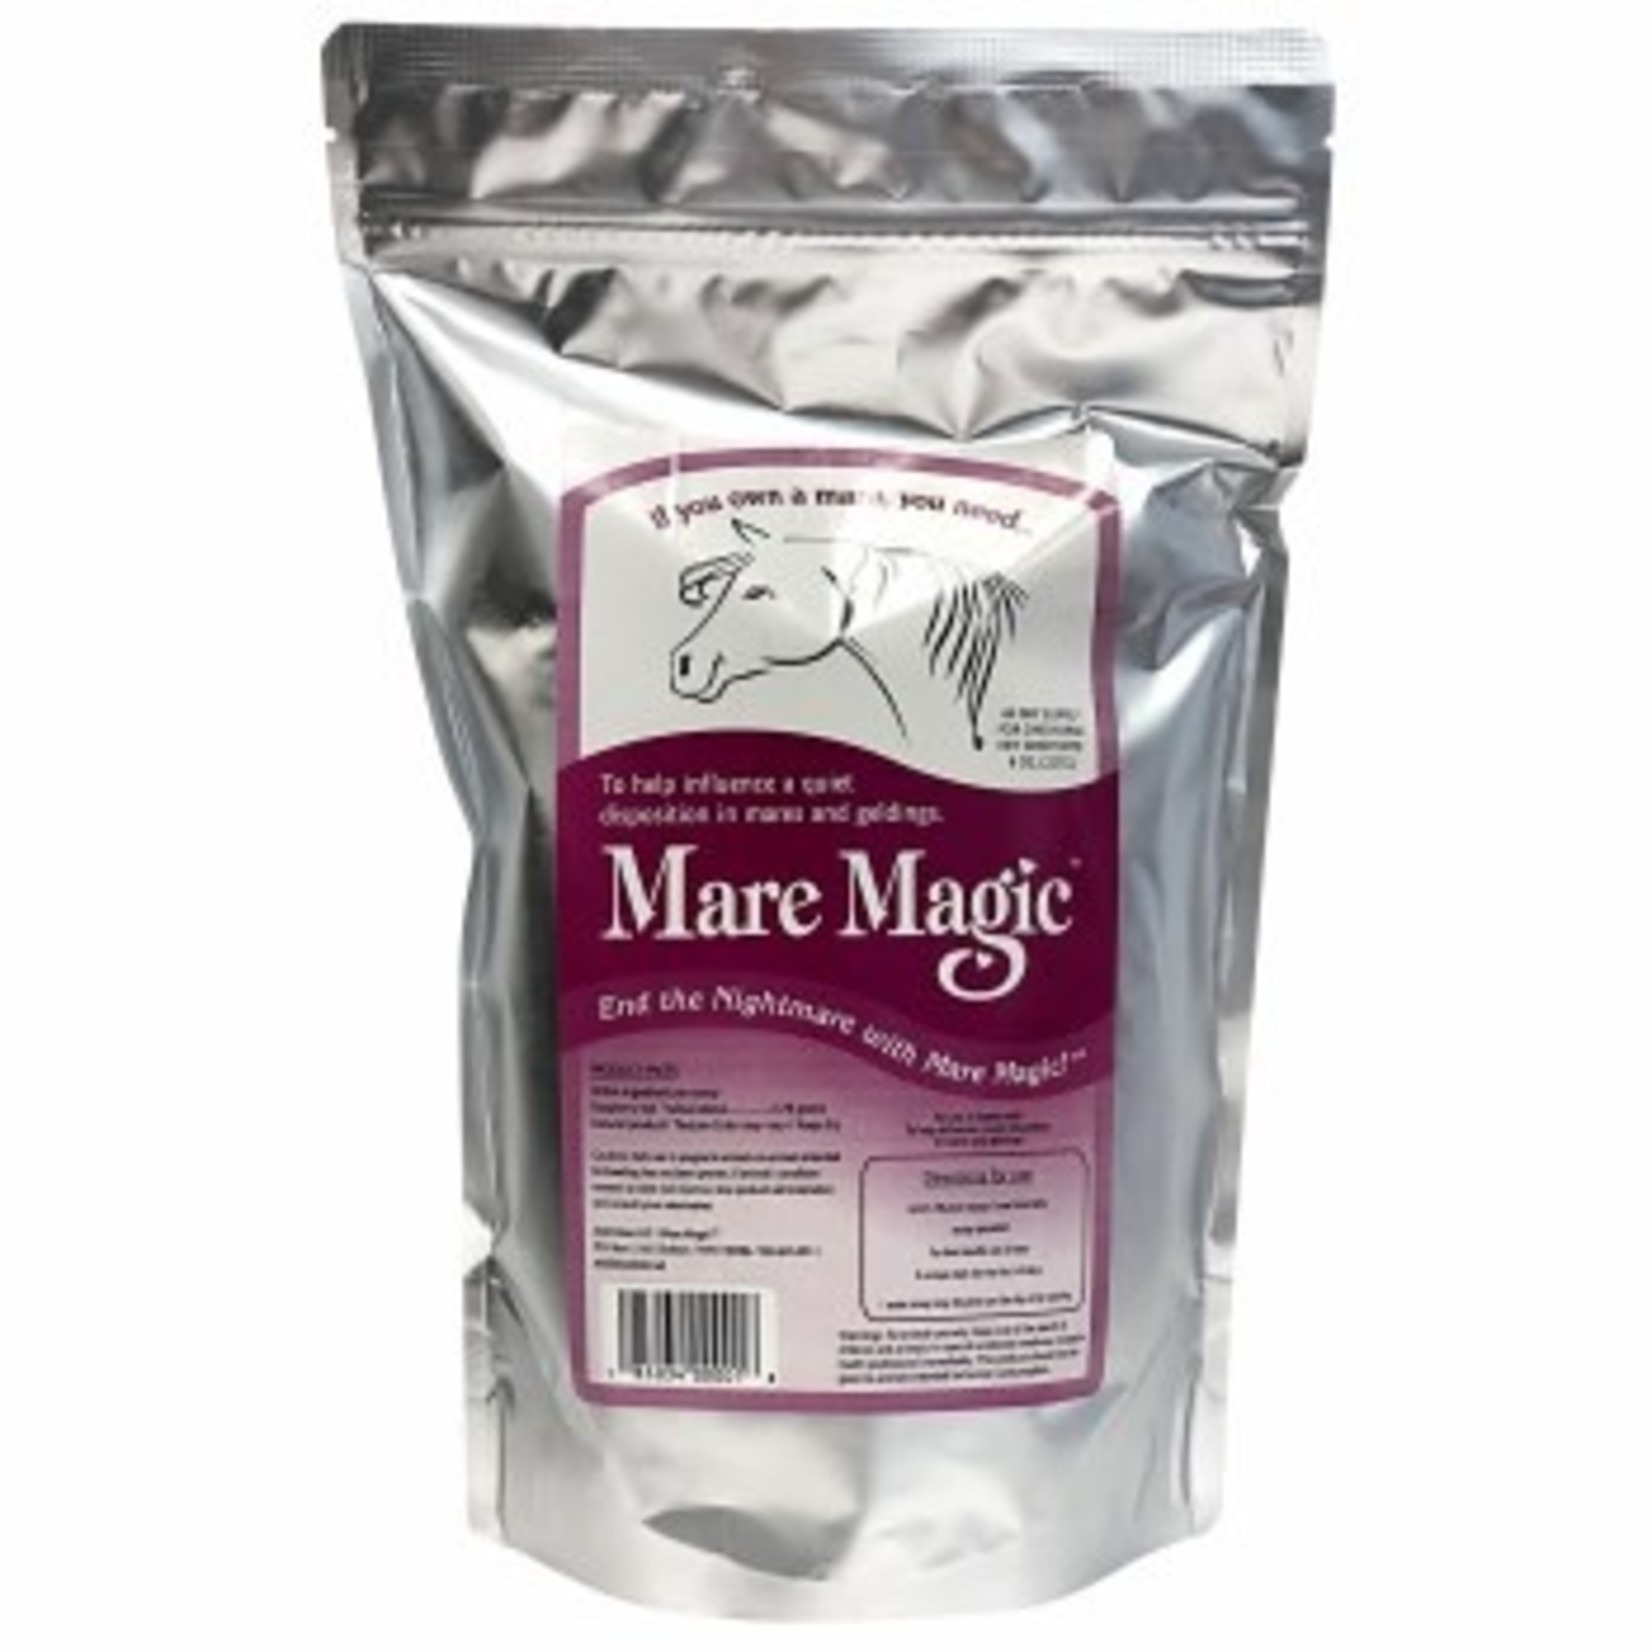 Mare Magic 8 oz